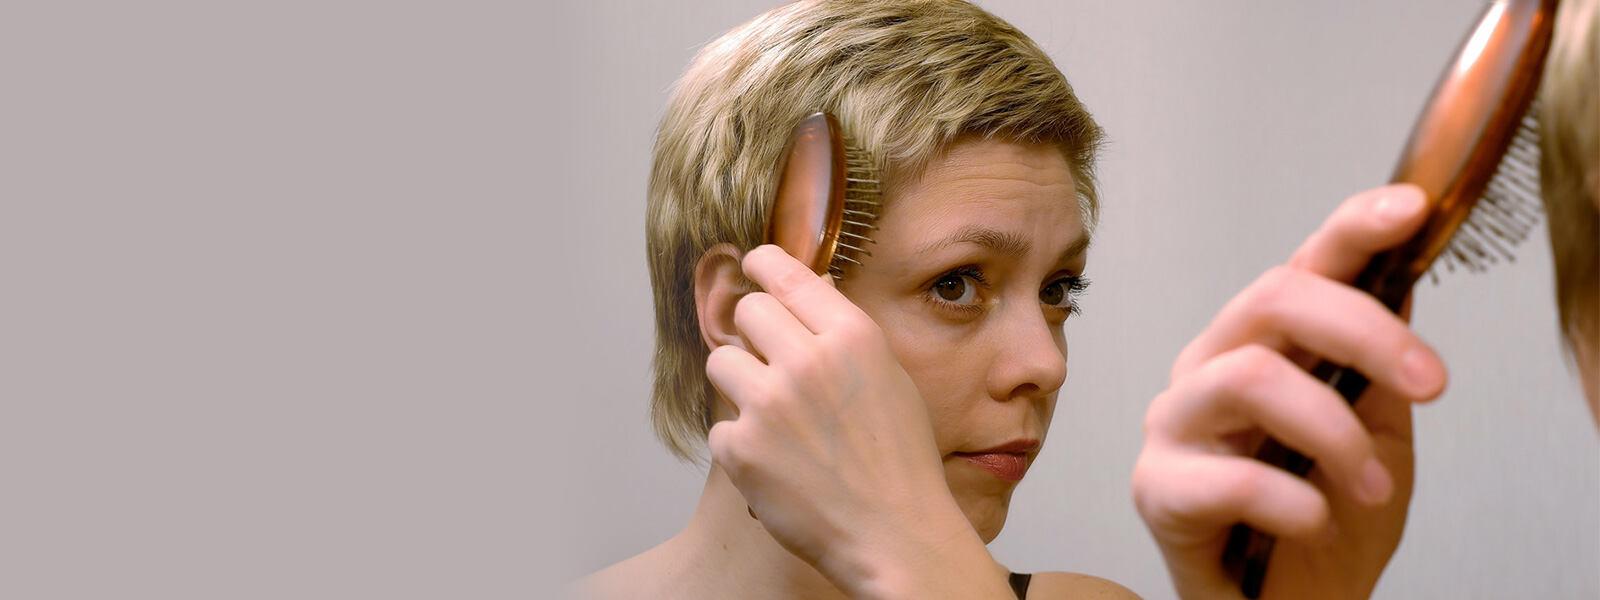 femme aux cheveux courts qui se brosse les cheveux amincis